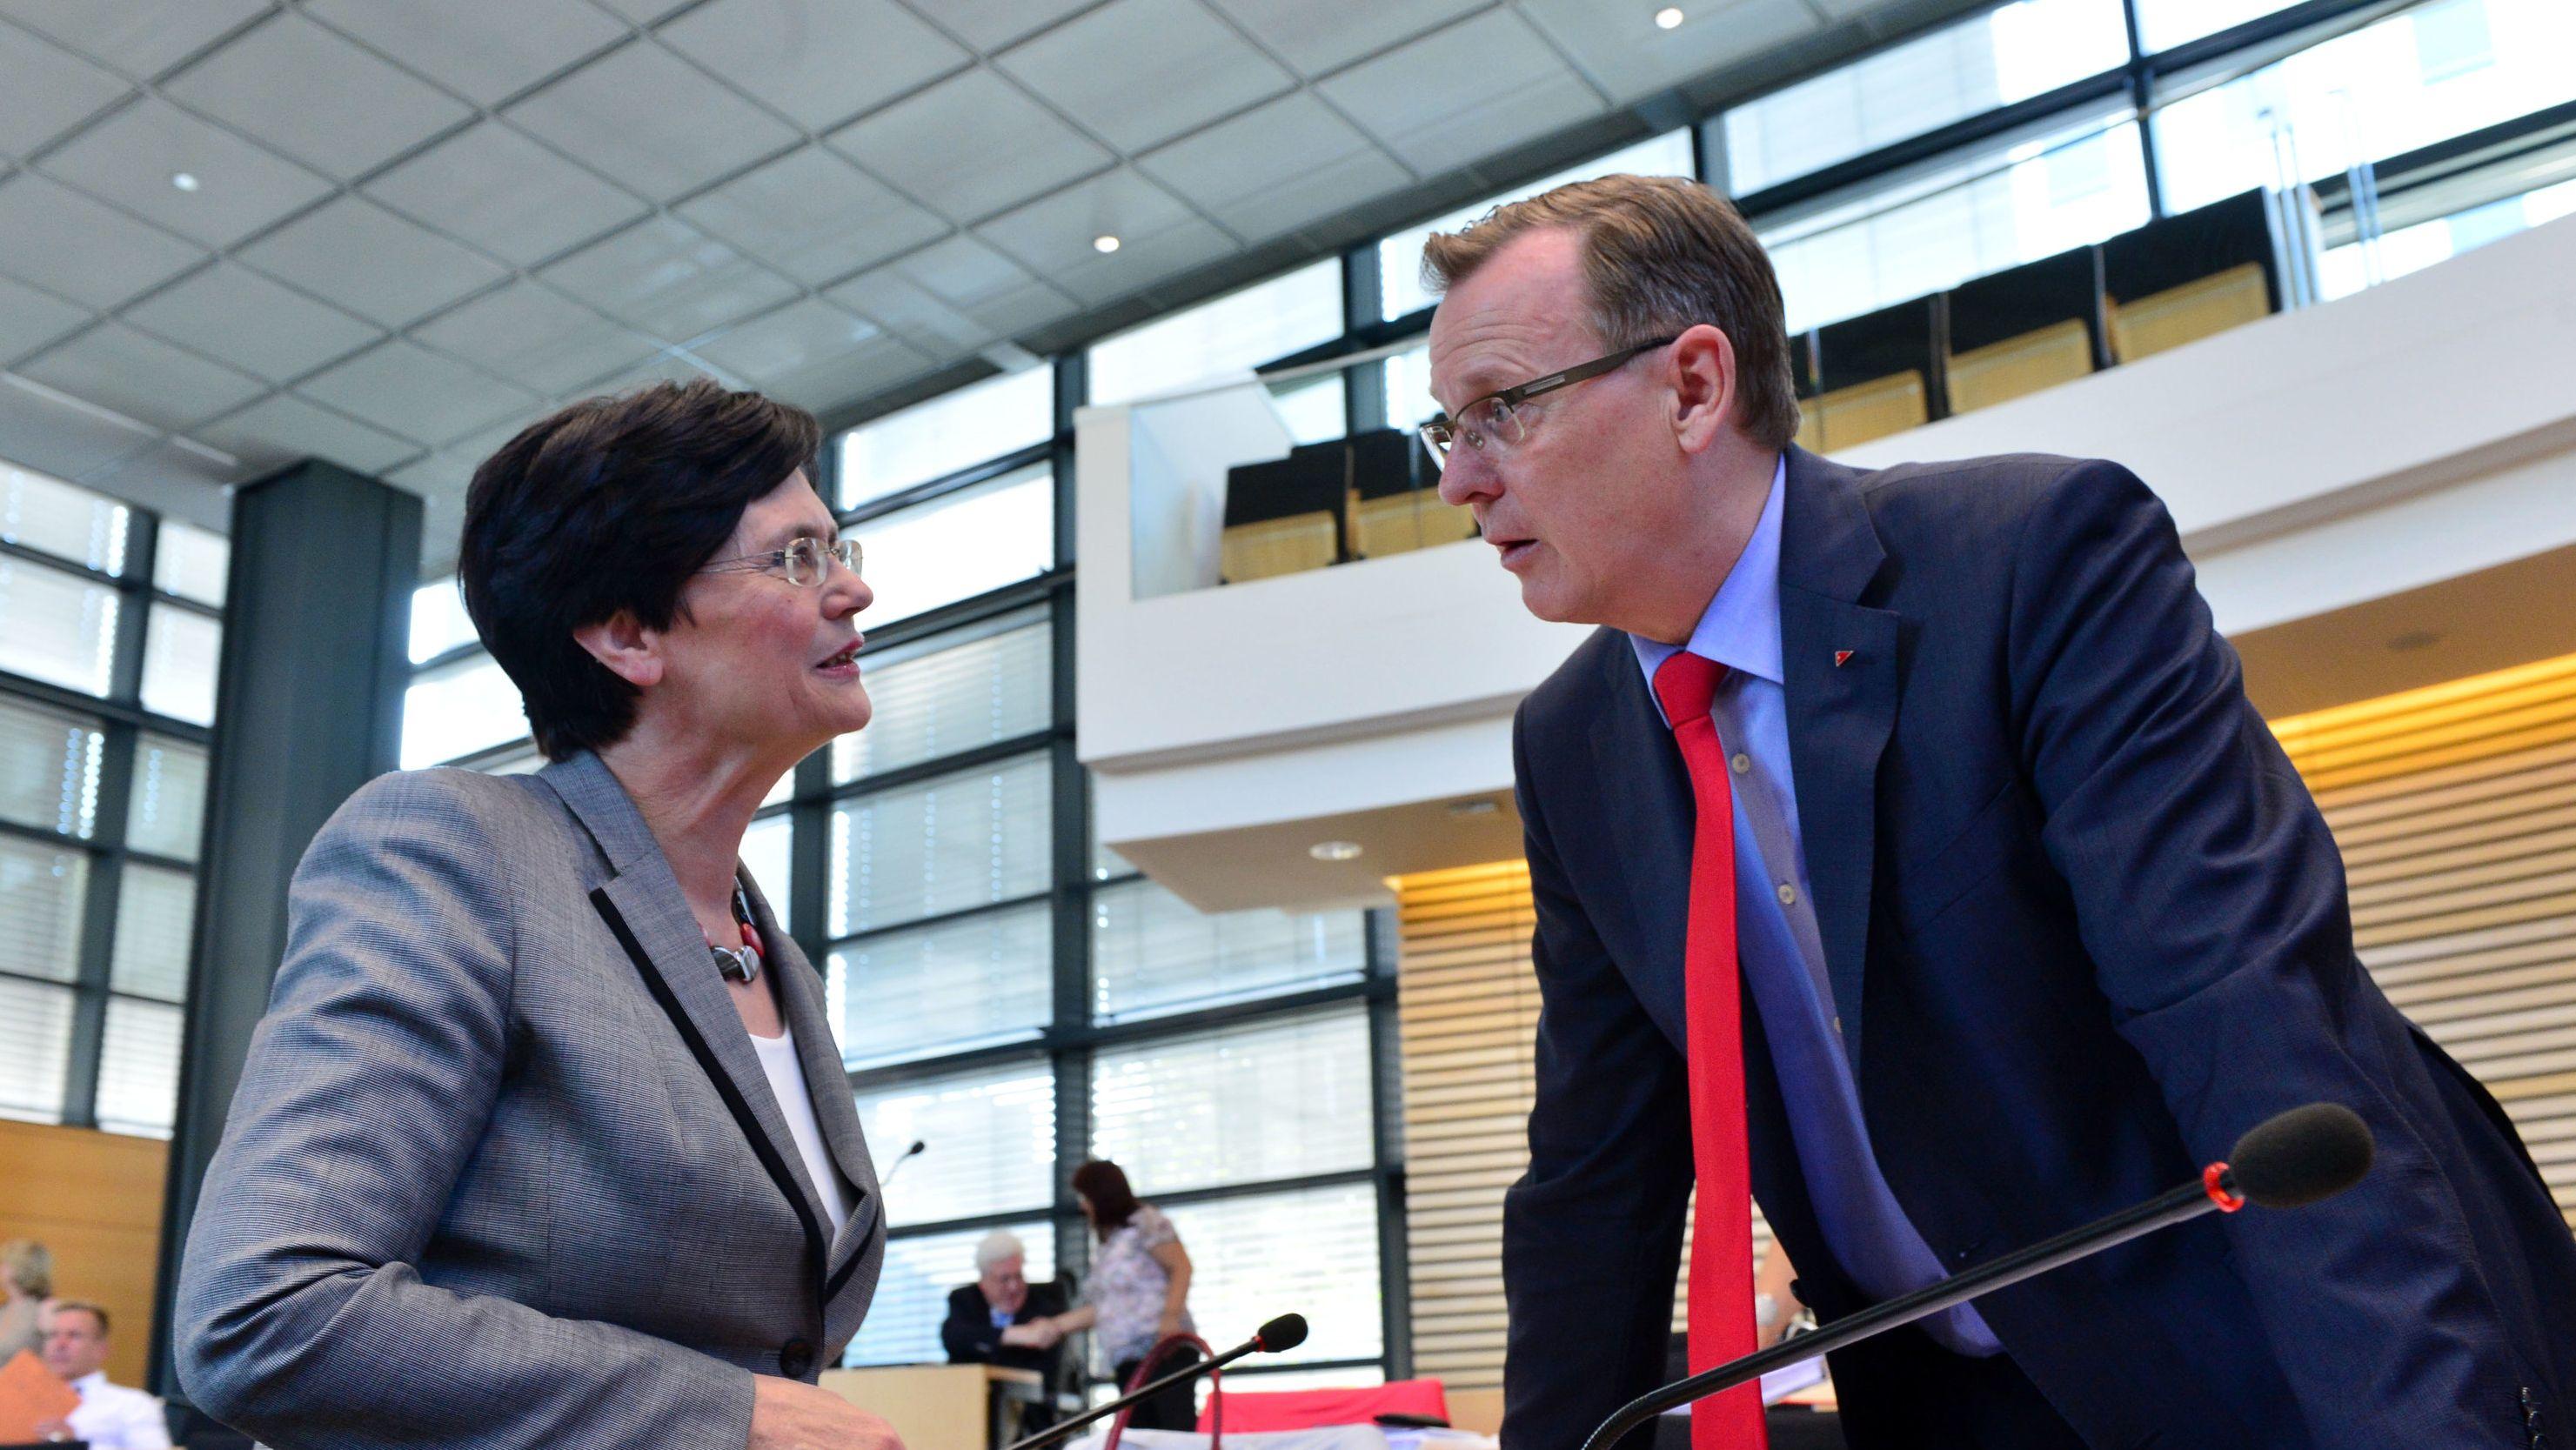 Bodo Ramelow, der frühere Ministerpräsident von Thüringen, kommt aus einer Sitzung der Linken-Abgeordneten im Erfurter Landtag.